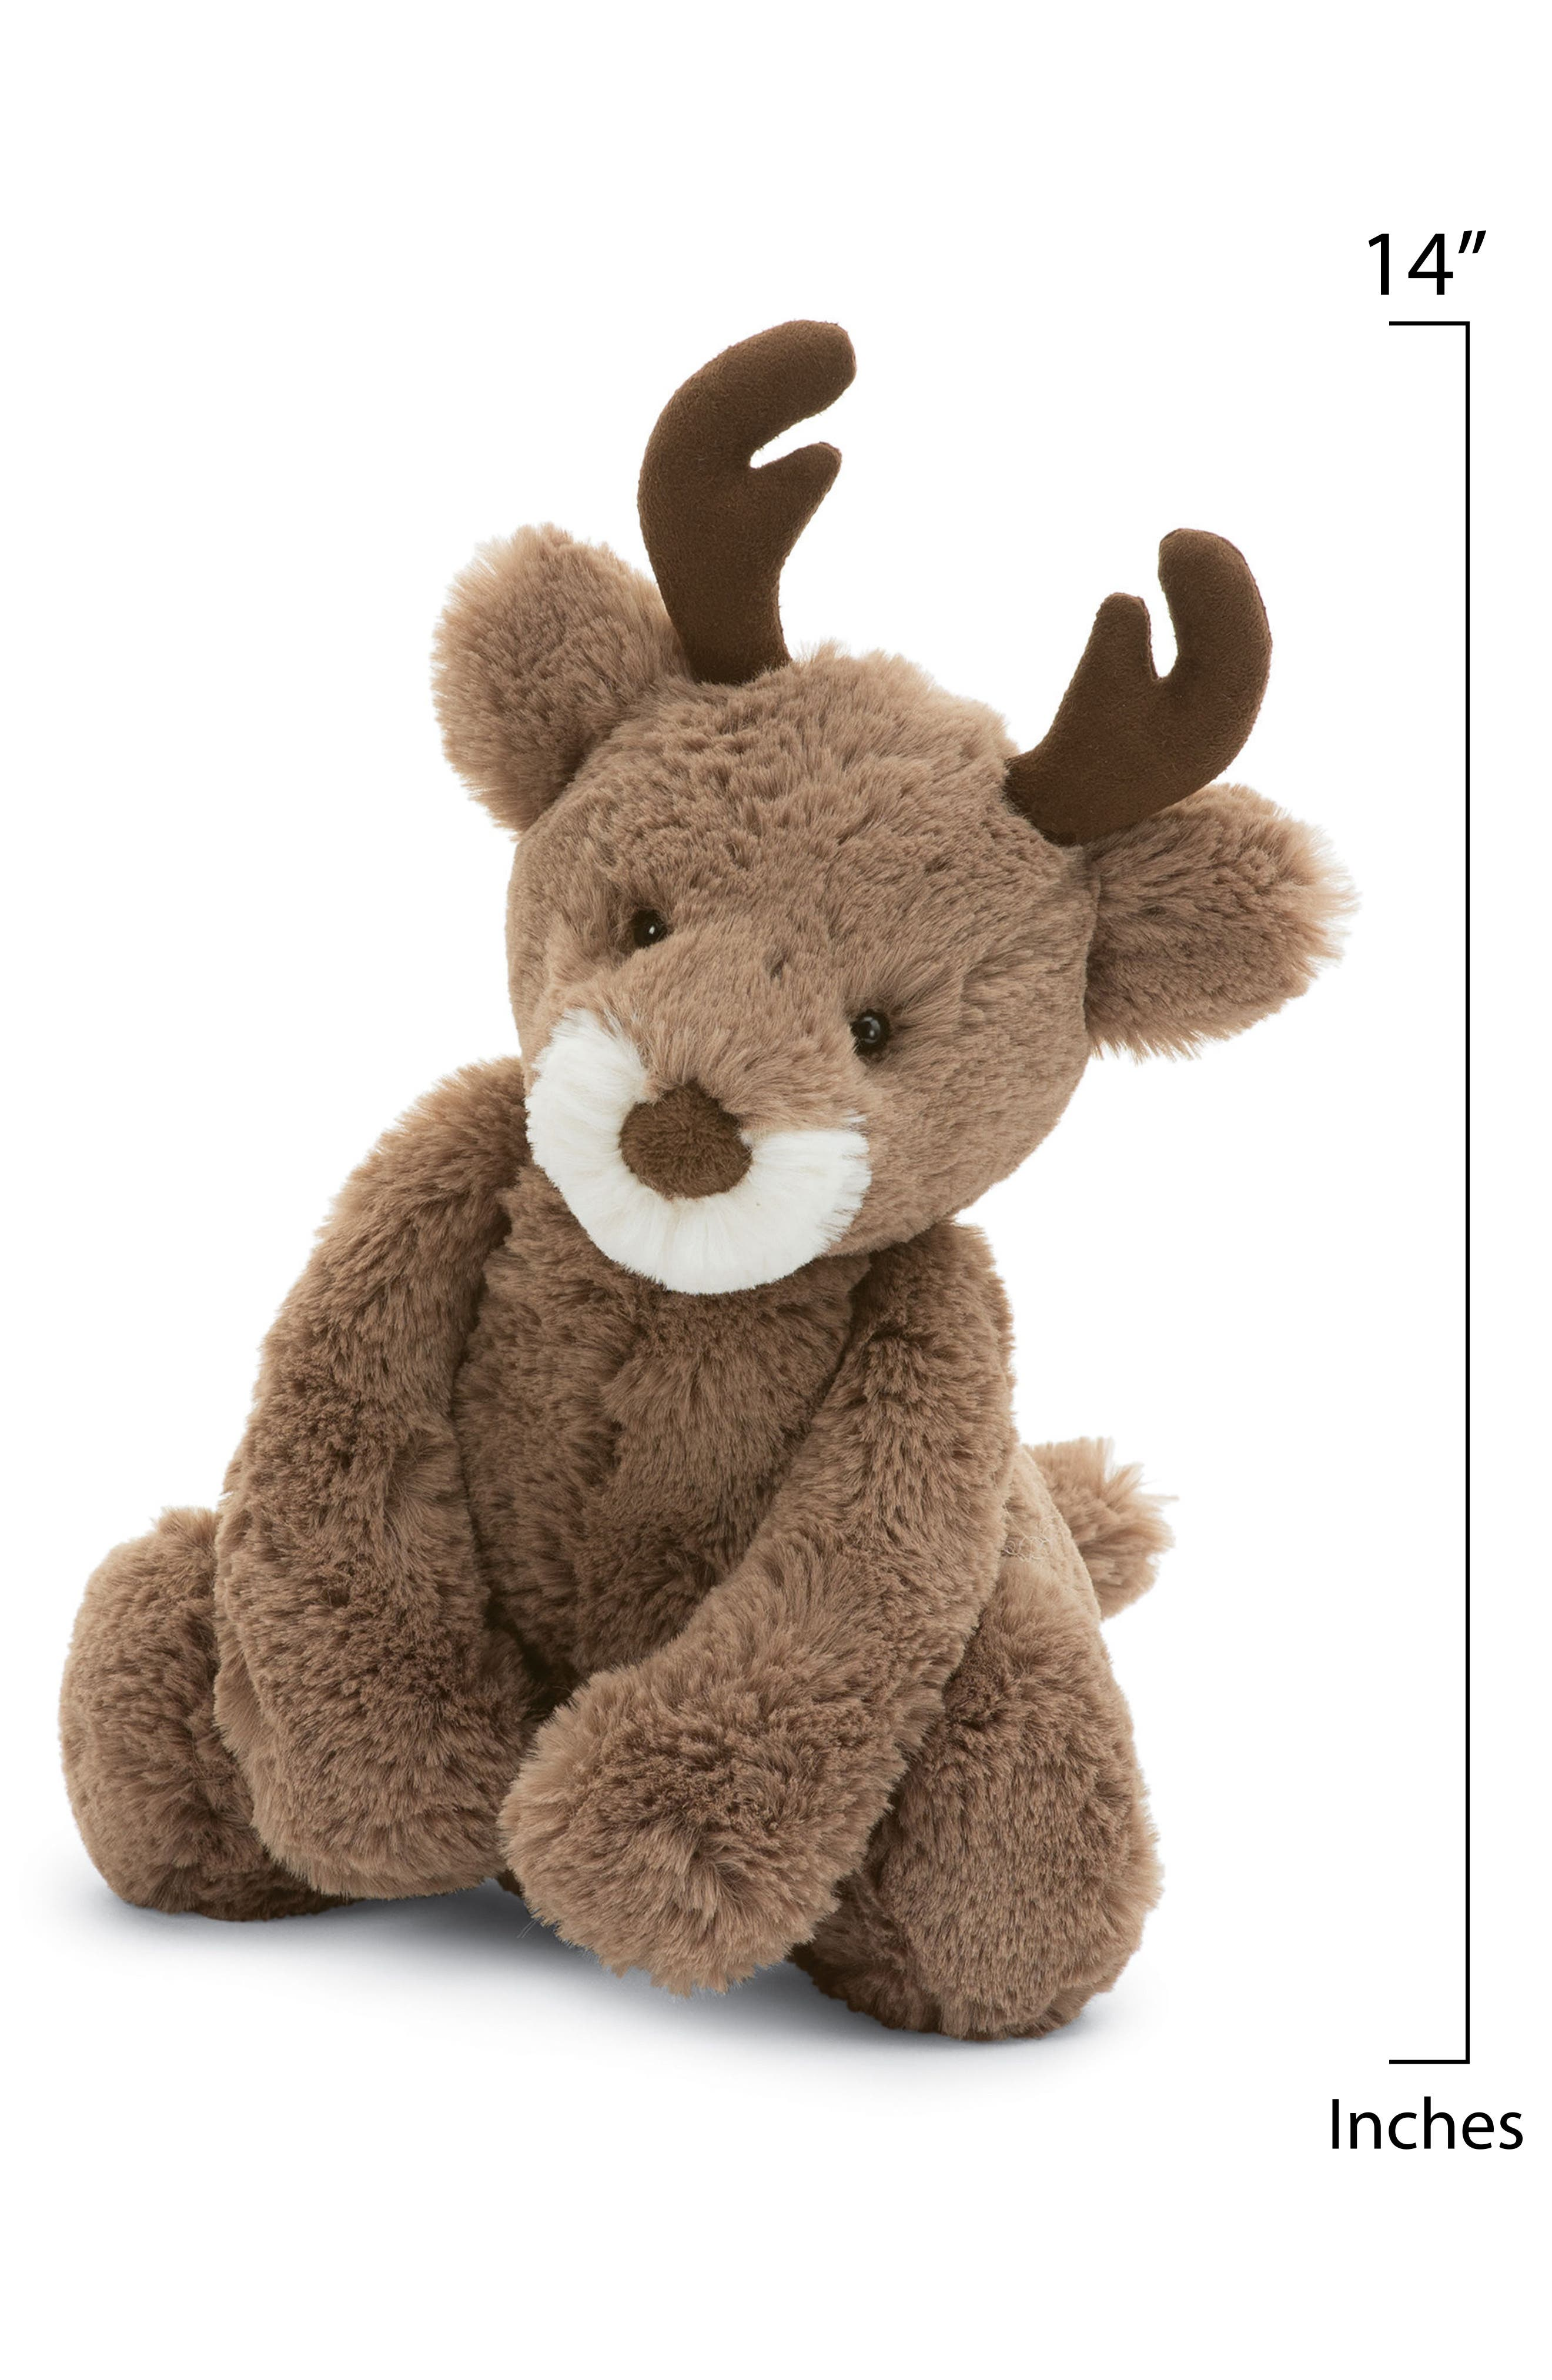 Alternate Image 2  - Jellycat Medium Bashful Reindeer Stuffed Animal